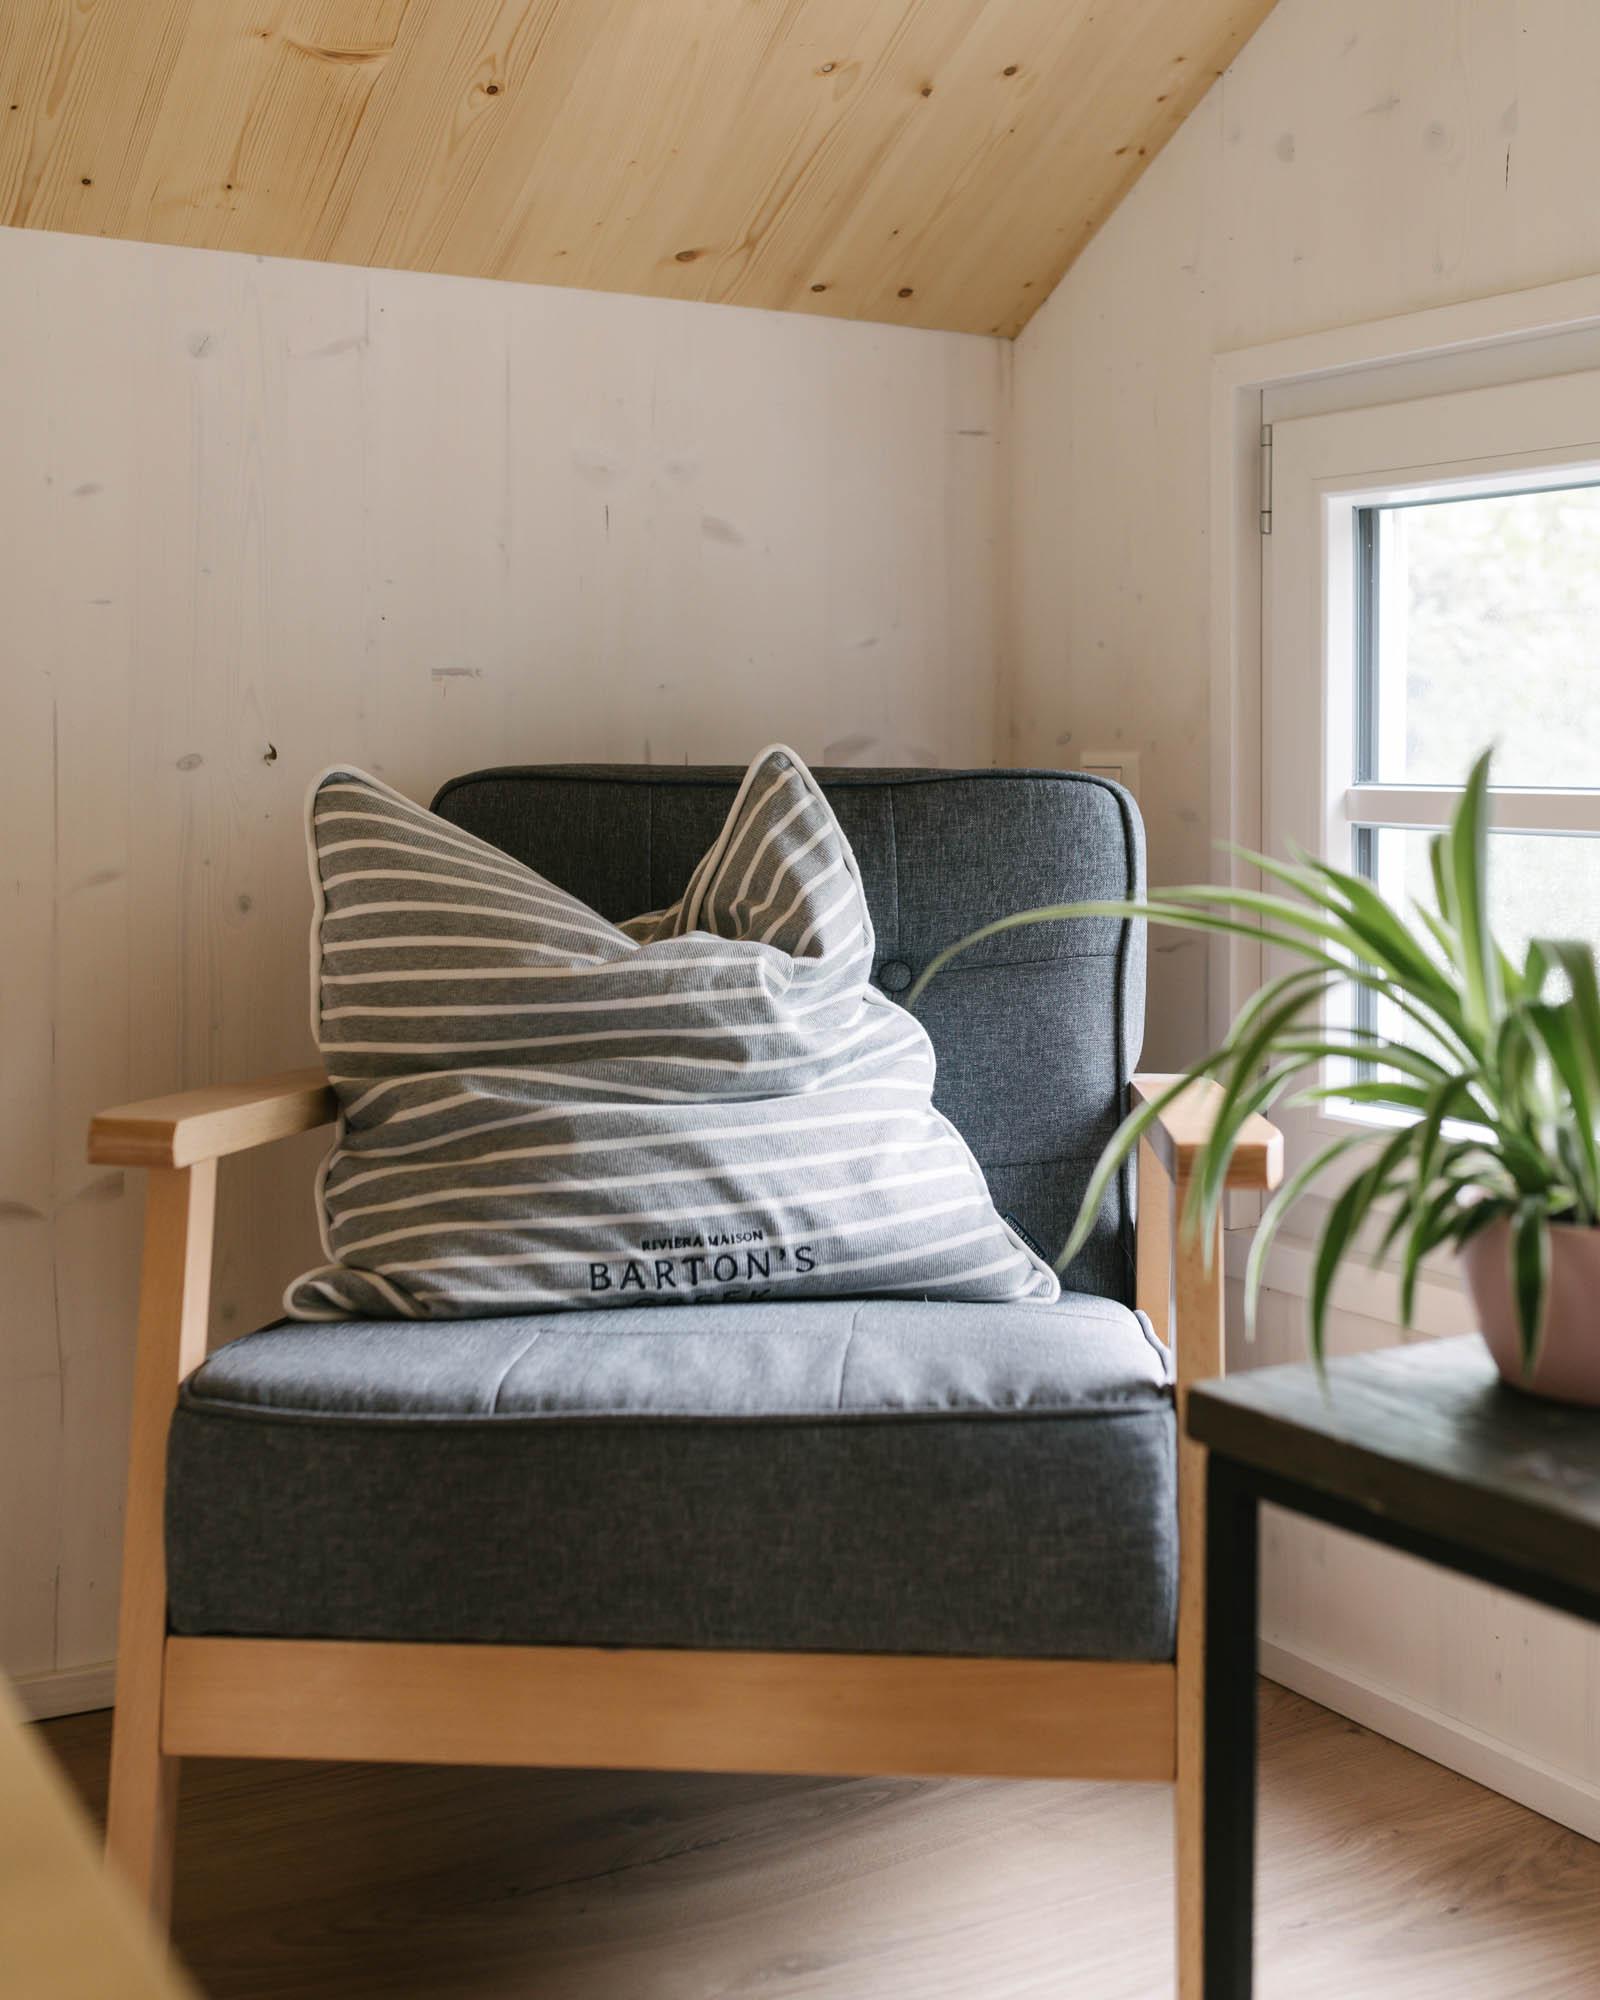 Fotografieren im Tinyhouse - Herausforderung auf kleinem Raum © Magdalena Gruber